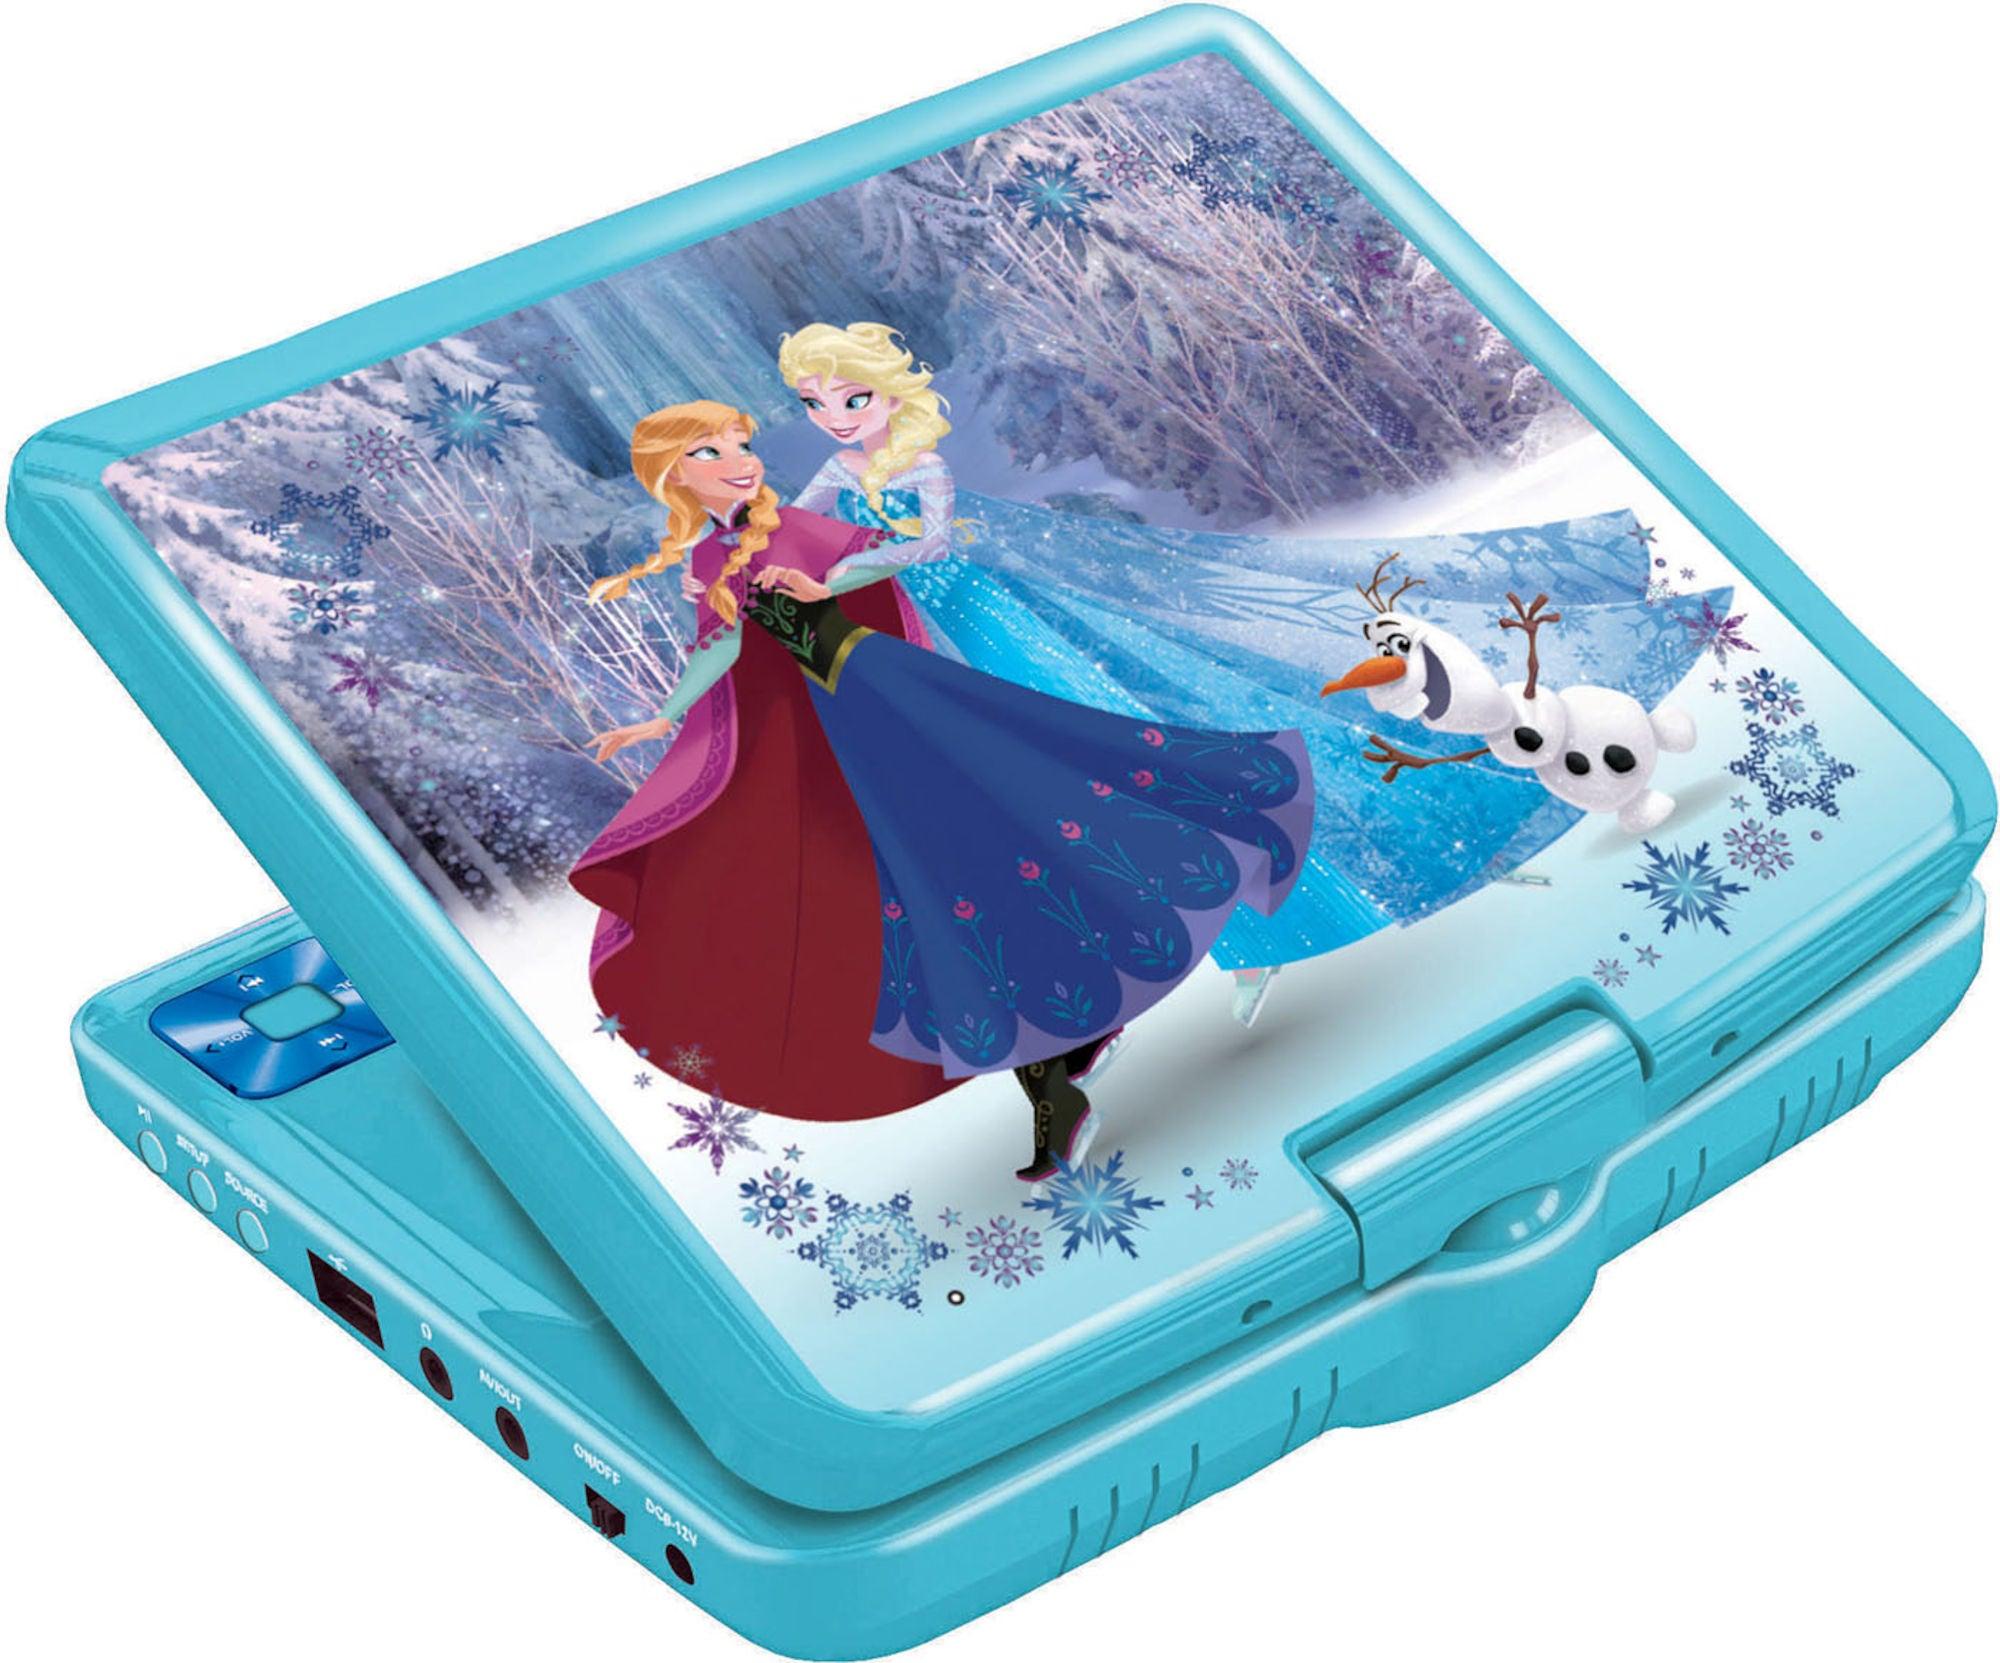 Dizney Frozen Portabel DVD-spiller